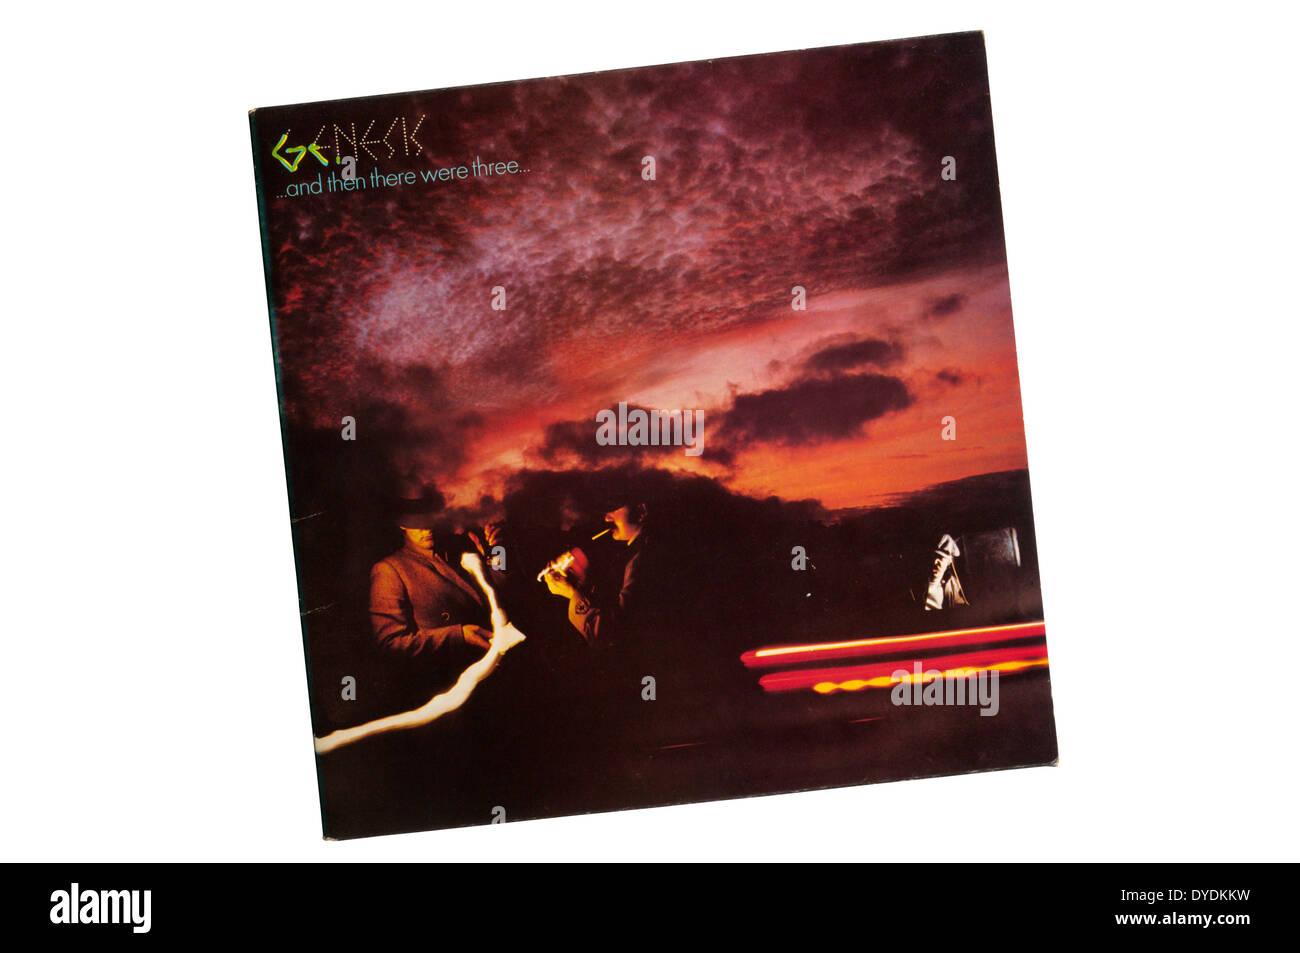 Und dann es waren drei war das 9. Studioalbum der britischen Band Genesis und ihre erste als Trio. Es erschien im Jahr 1978. Stockbild